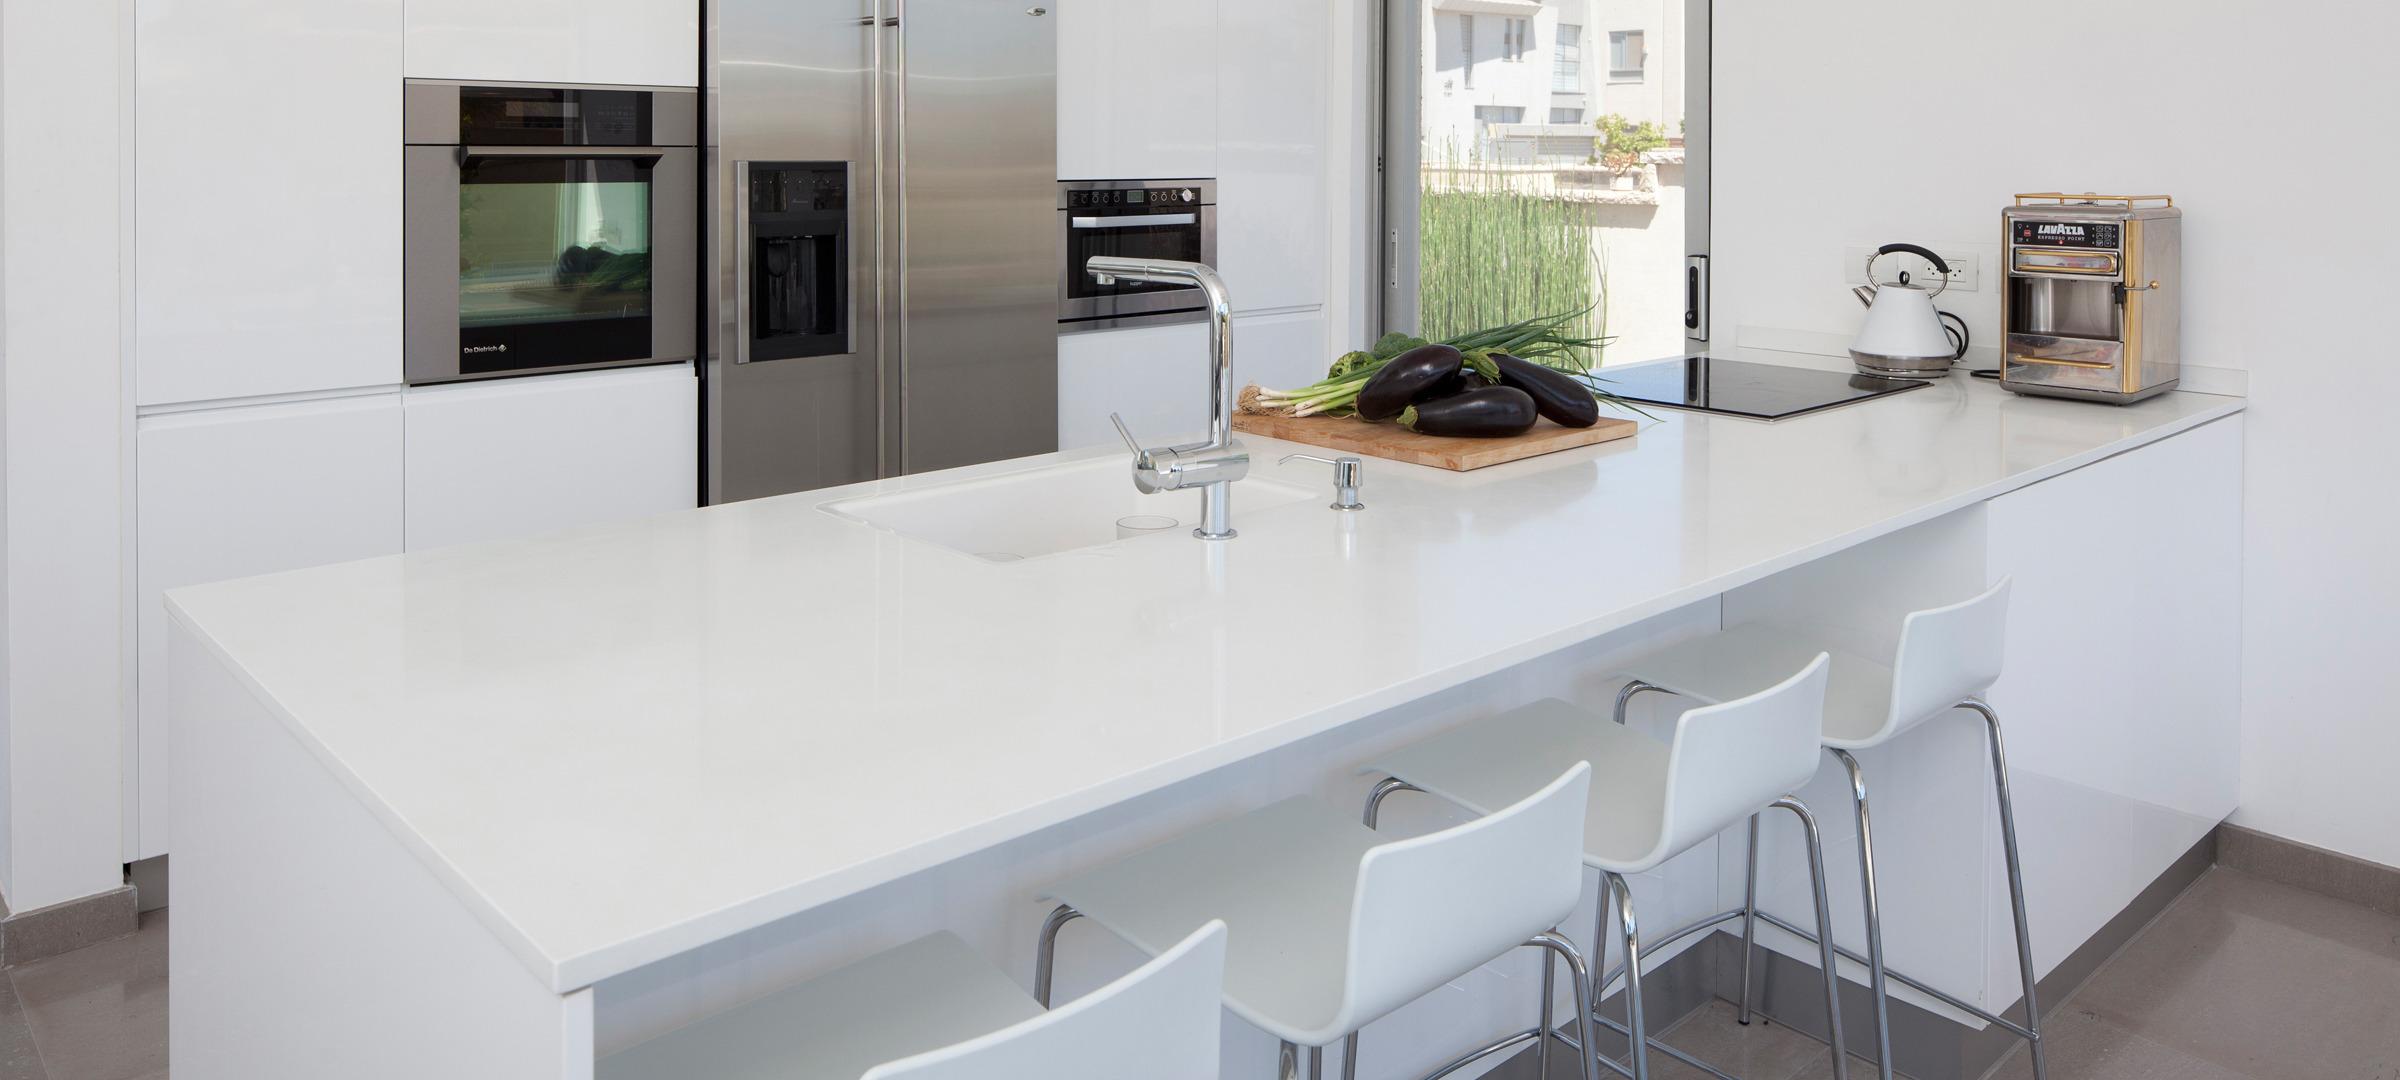 רק החוצה דלפק מטבח, משטח עבודה למטבח, דלפק למטבח | דני חפץ שיש למטבח PW-09